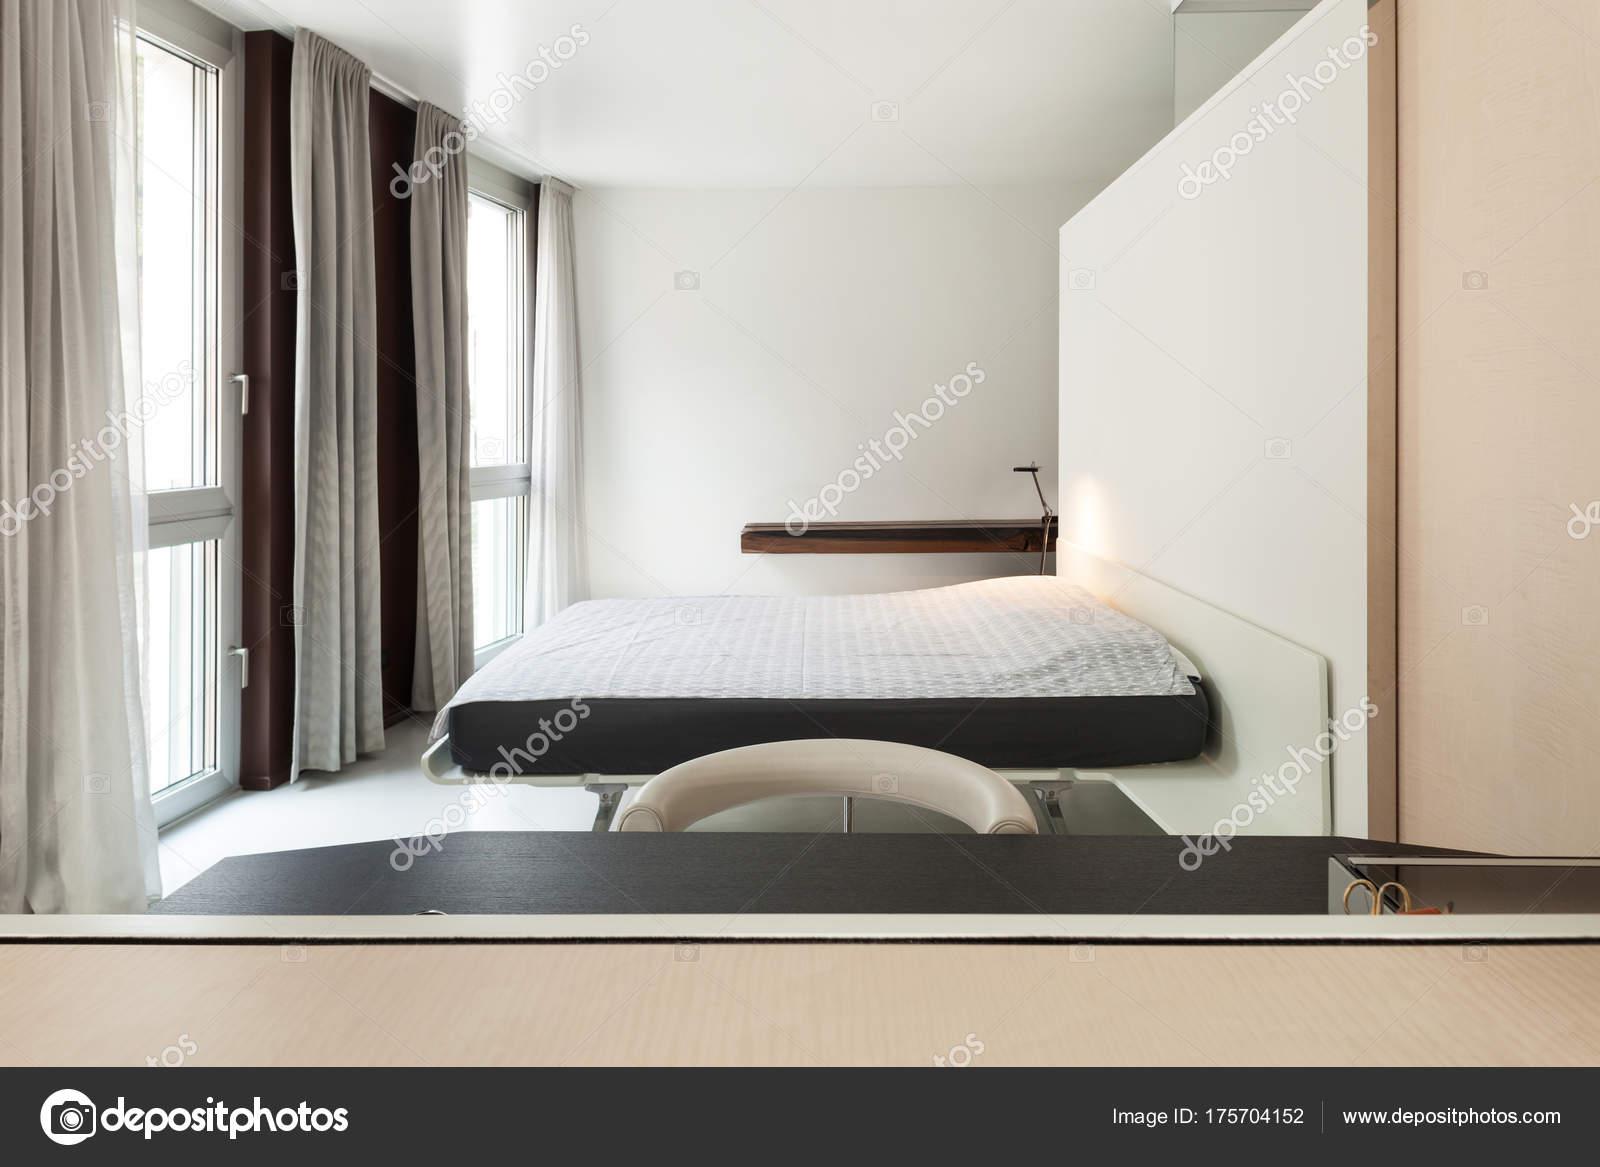 Luxus-Wohnung, moderne Schlafzimmer — Stockfoto © Zveiger #175704152